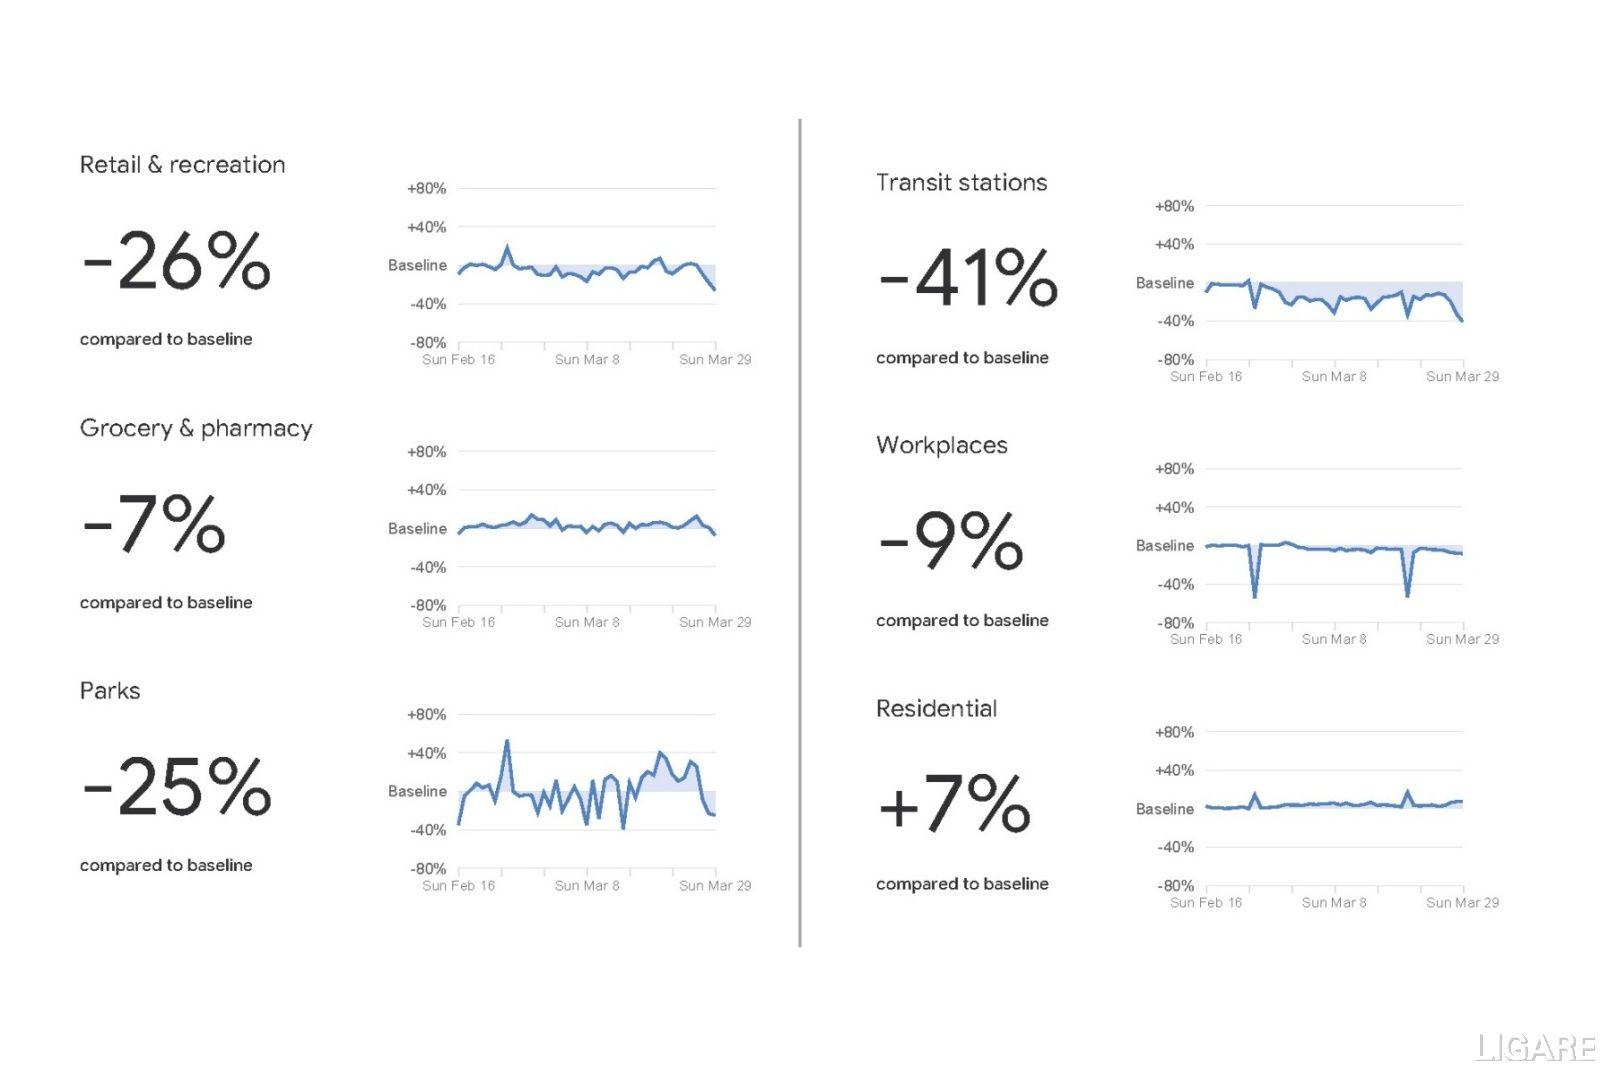 グーグルによる場所別移動推移のレポート(日本、2020年3月29日時点)